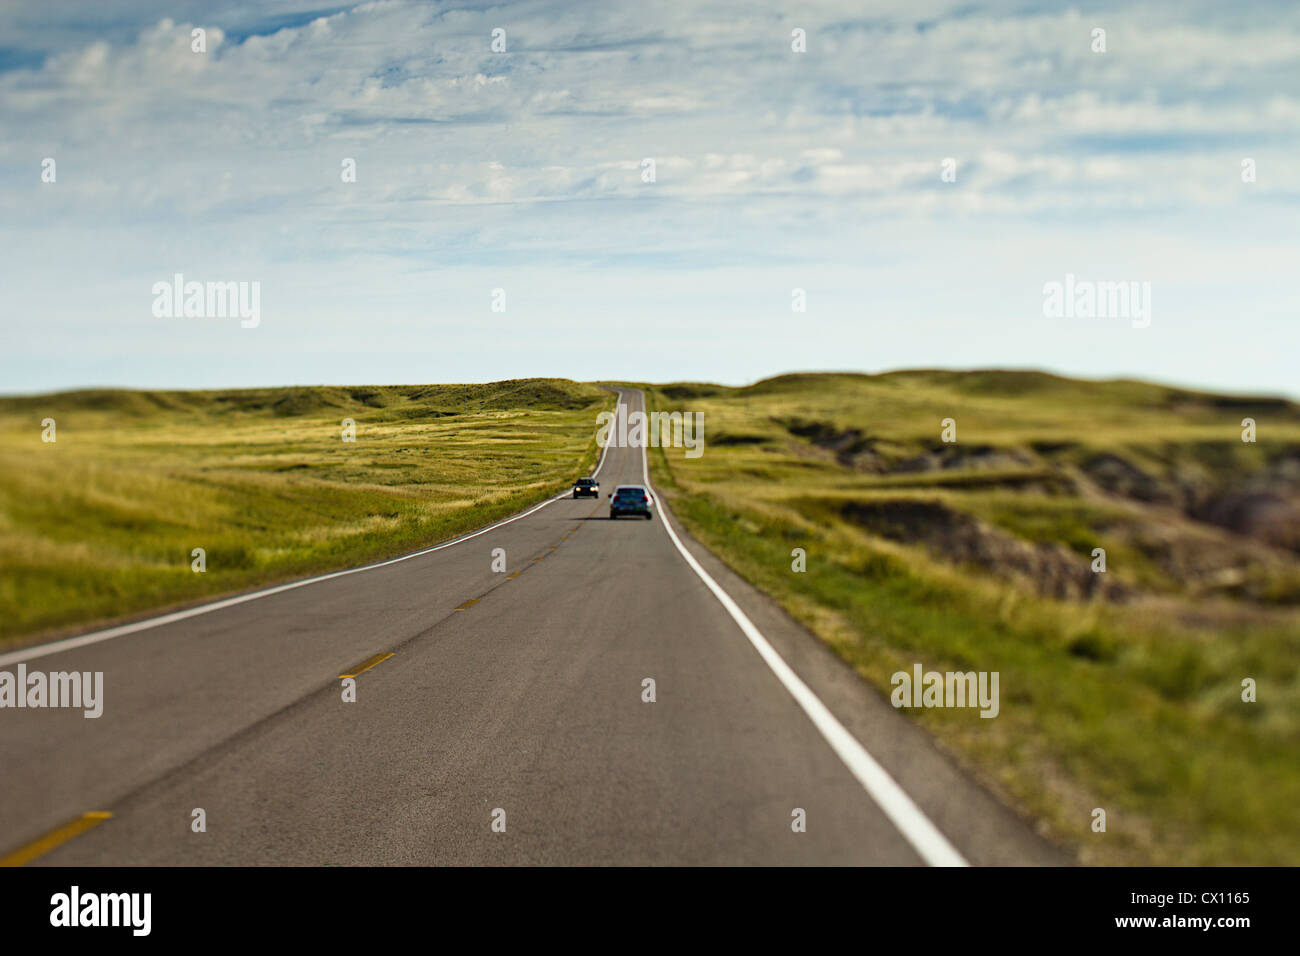 Coches en carretera abierta, Wyoming, EE.UU. Foto de stock